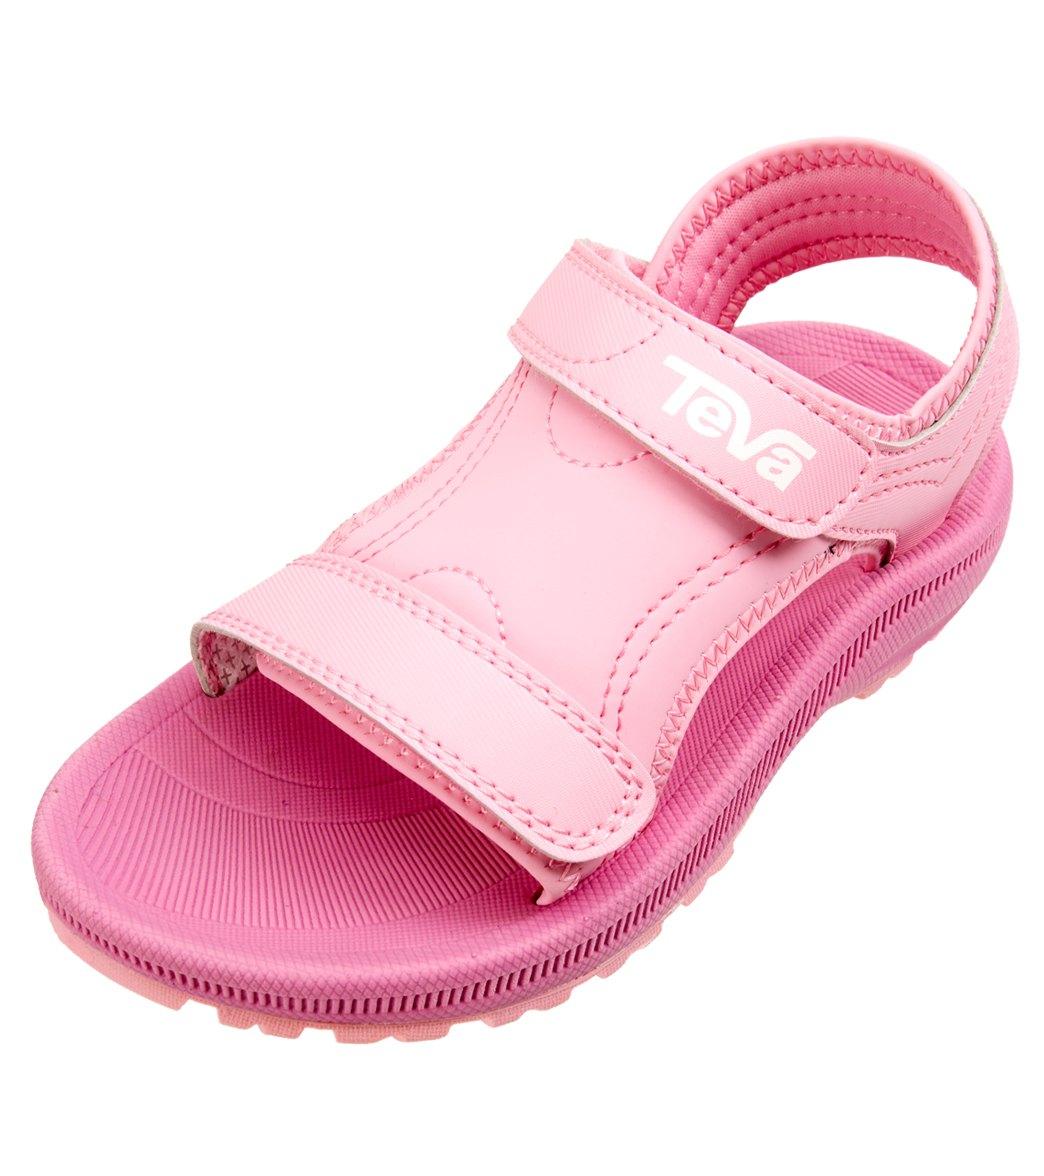 5d5cf42876c6bb Teva Kid s Psyclone 4 Sandal at SwimOutlet.com